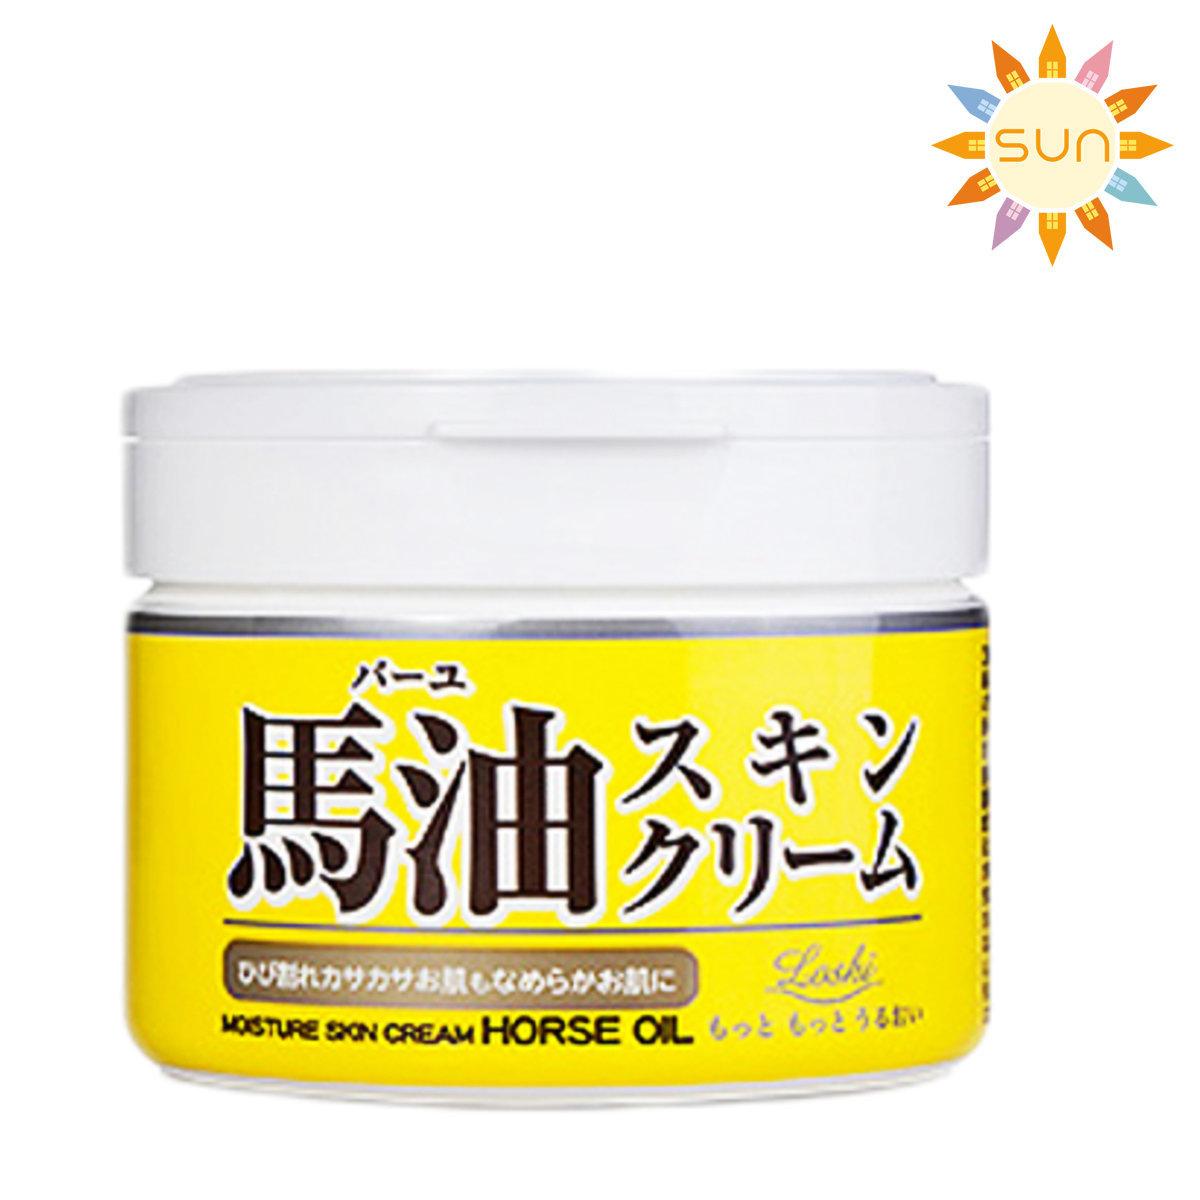 日本純天然馬油護膚霜 220g [平行進口]